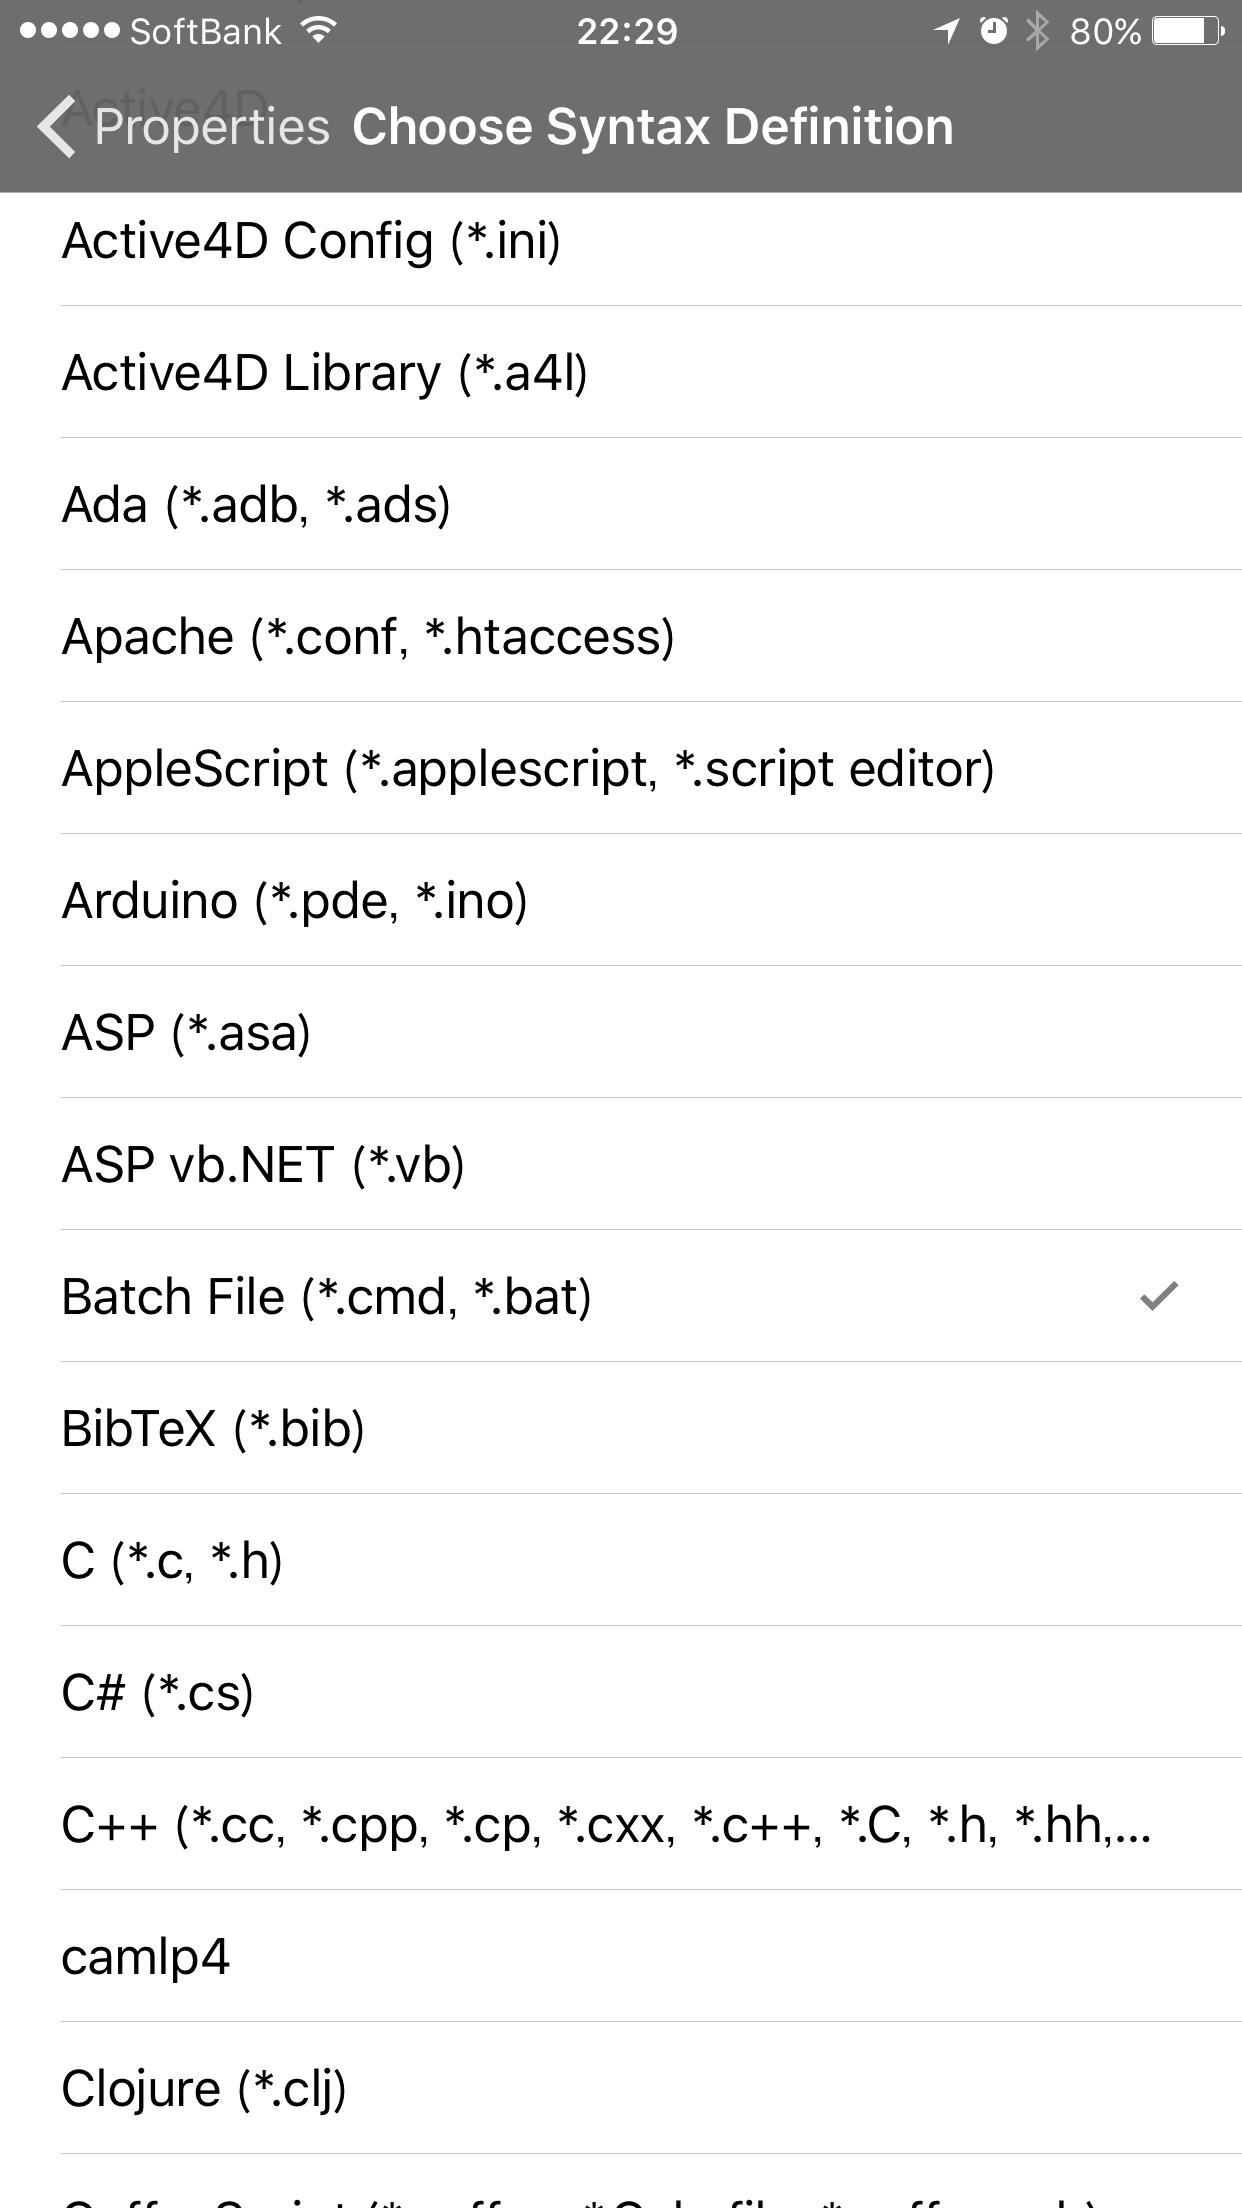 Textastic にバッチファイルのシンタックスハイライトを追加できた!